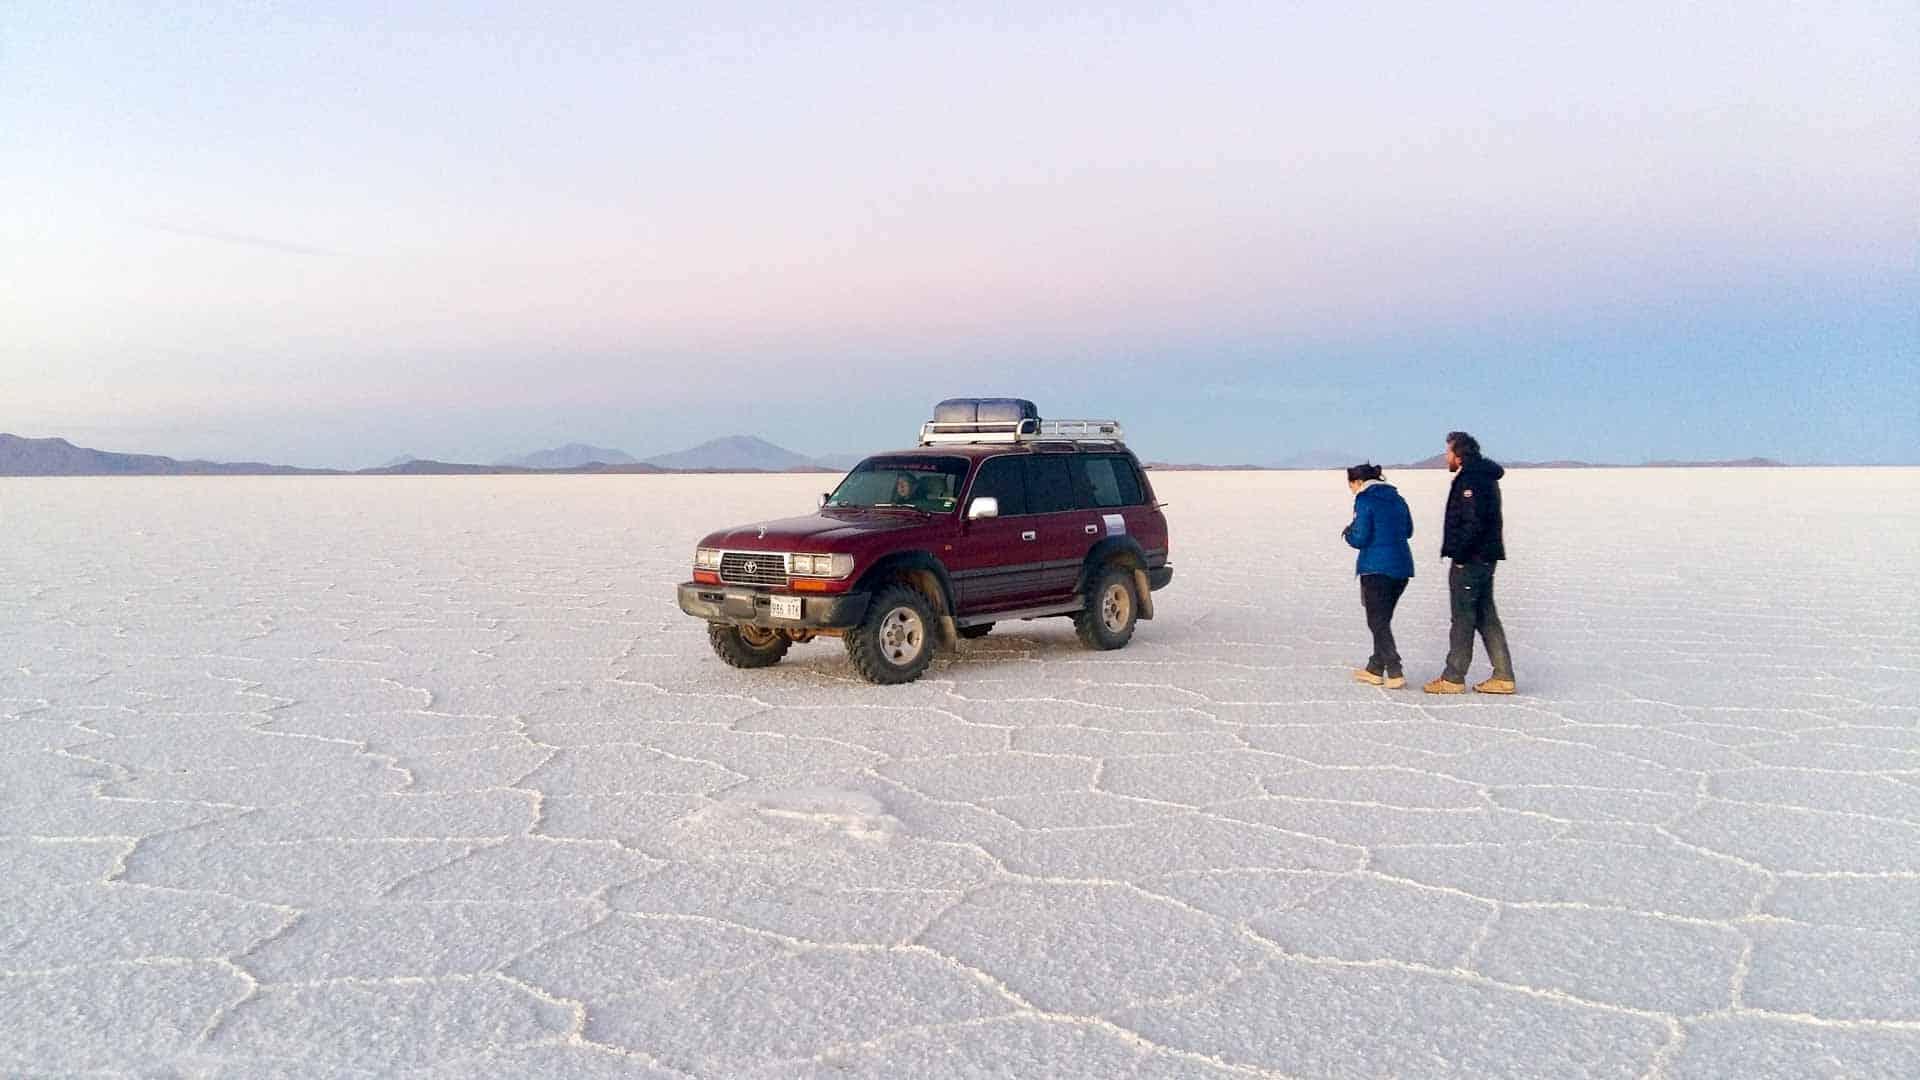 Jeep in the Salar de Uyuni, Bolivia